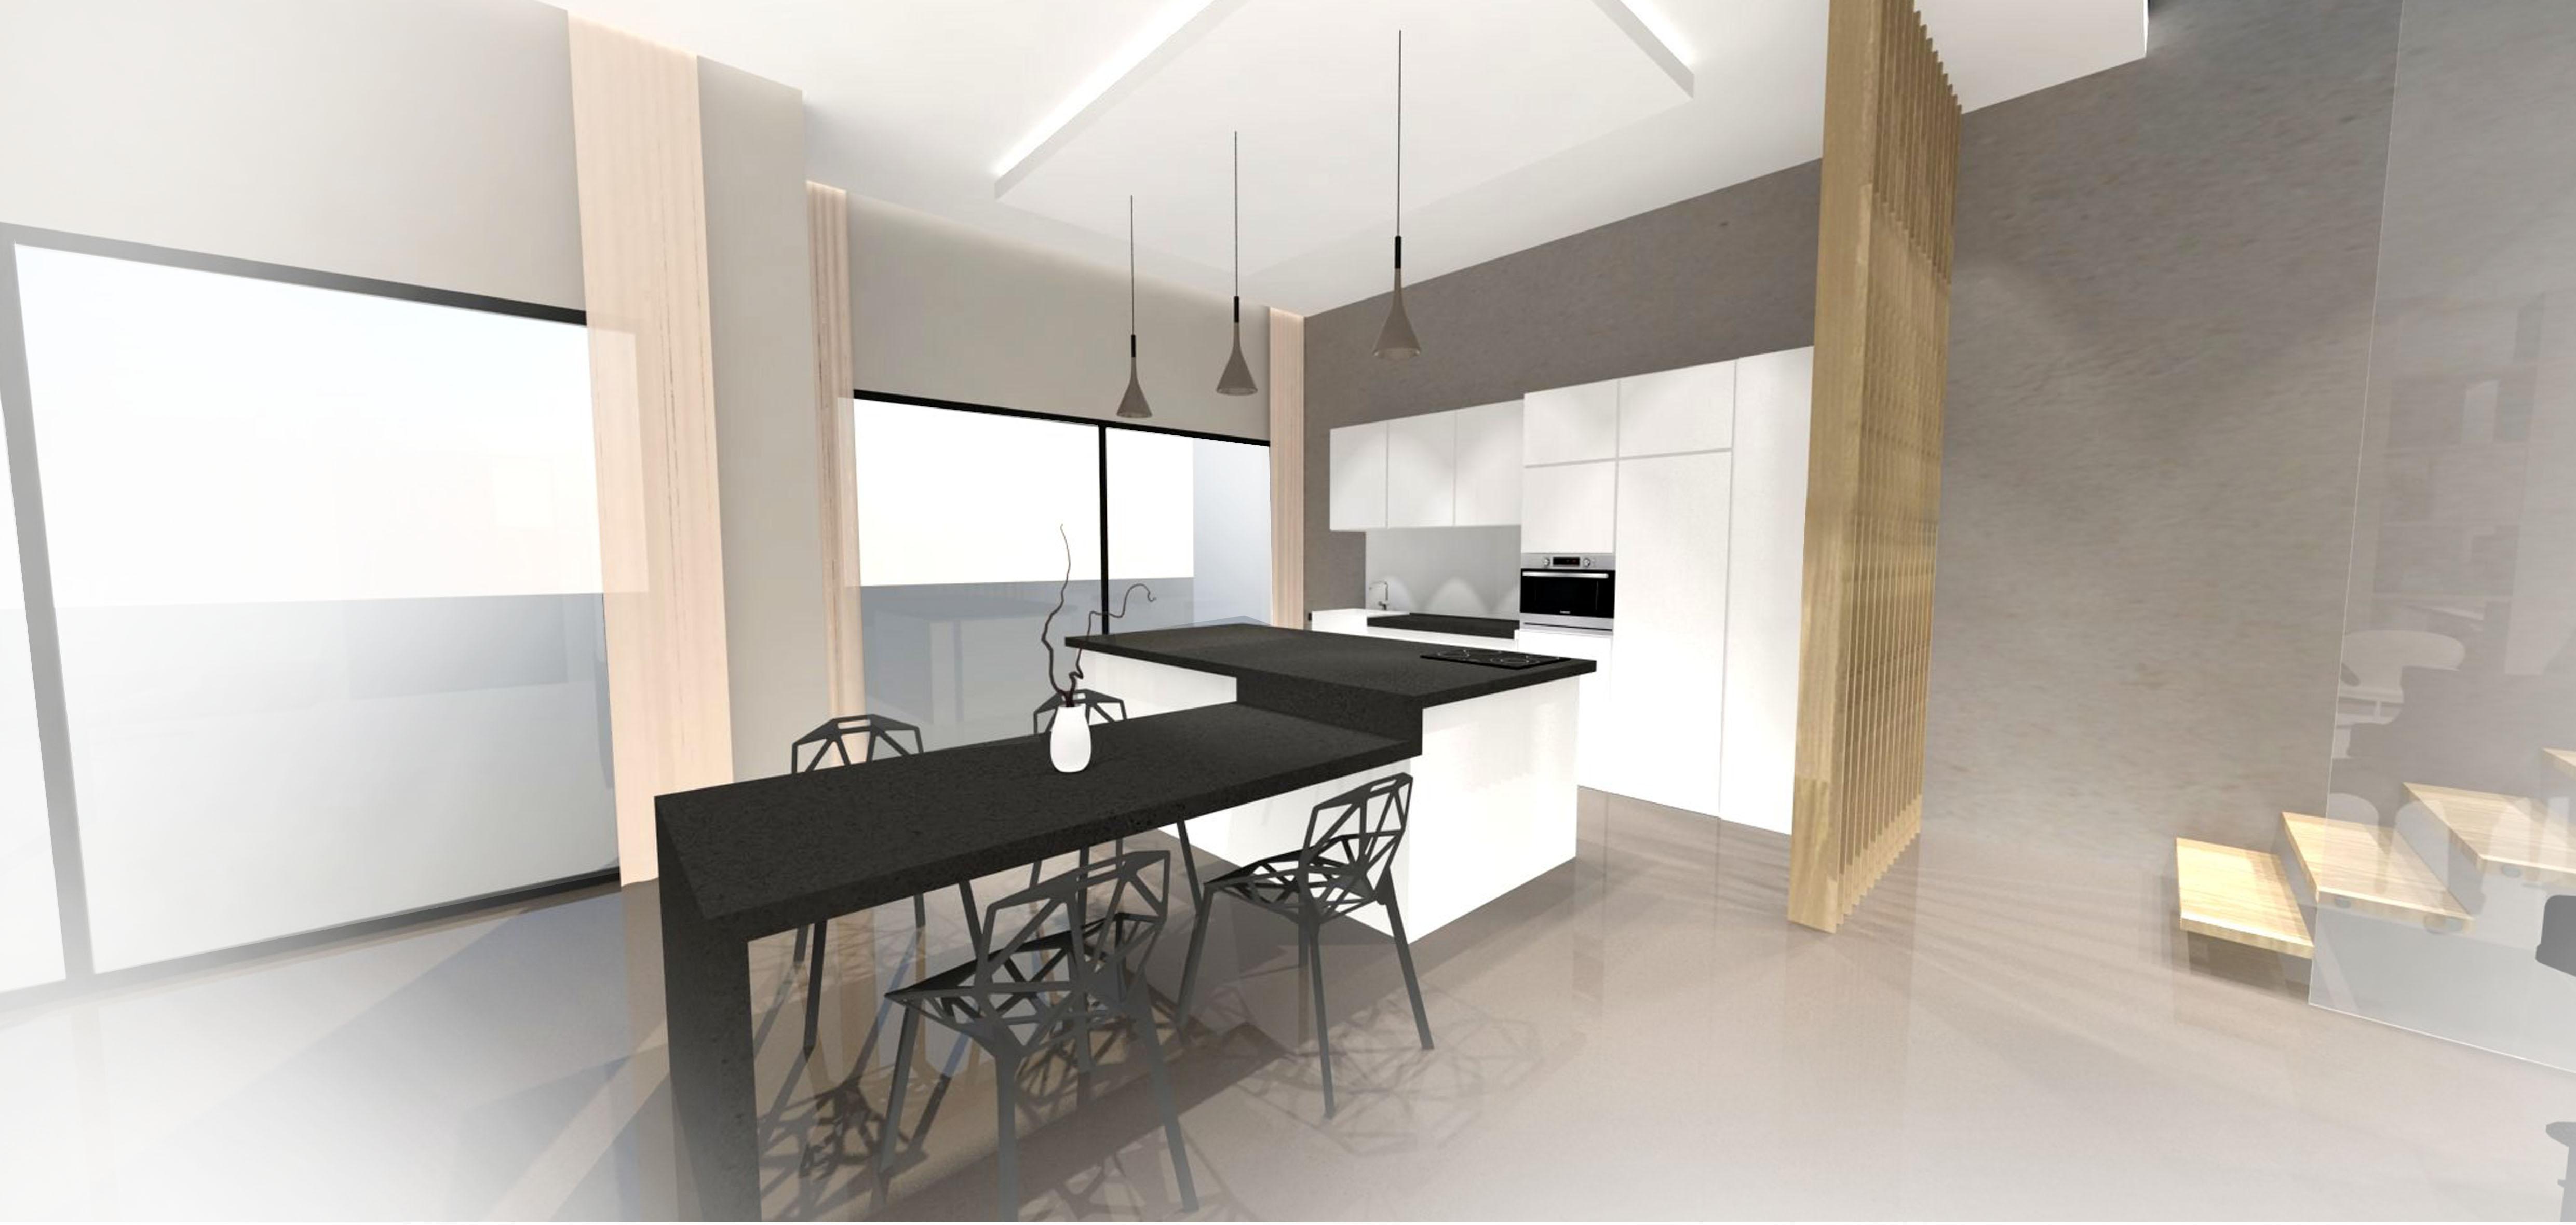 Villa Contemporaine Interieur : Villa contemporaine architecte d intérieur red banana